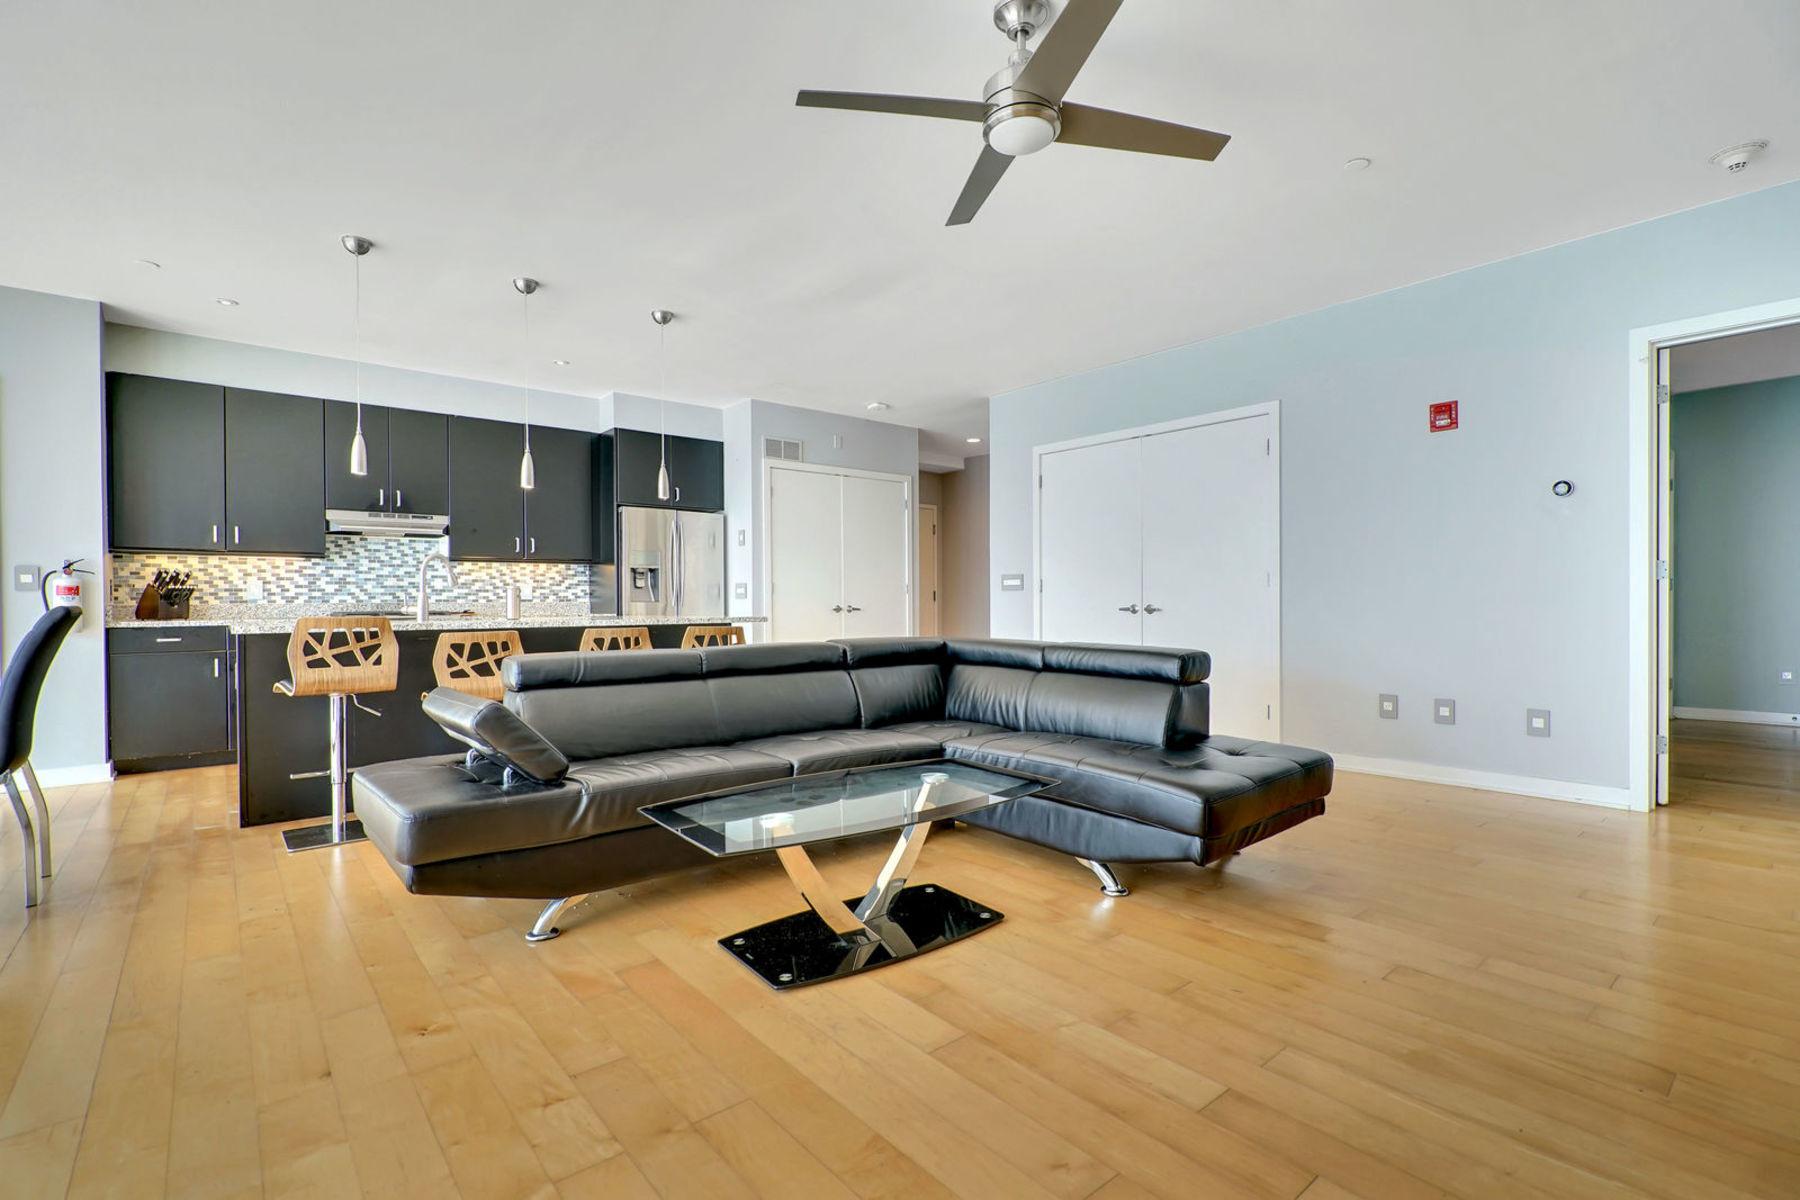 Кондоминиум для того Продажа на Modern Luxury Condo 510 Monroe 103 Asbury Park, Нью-Джерси 07712 Соединенные Штаты